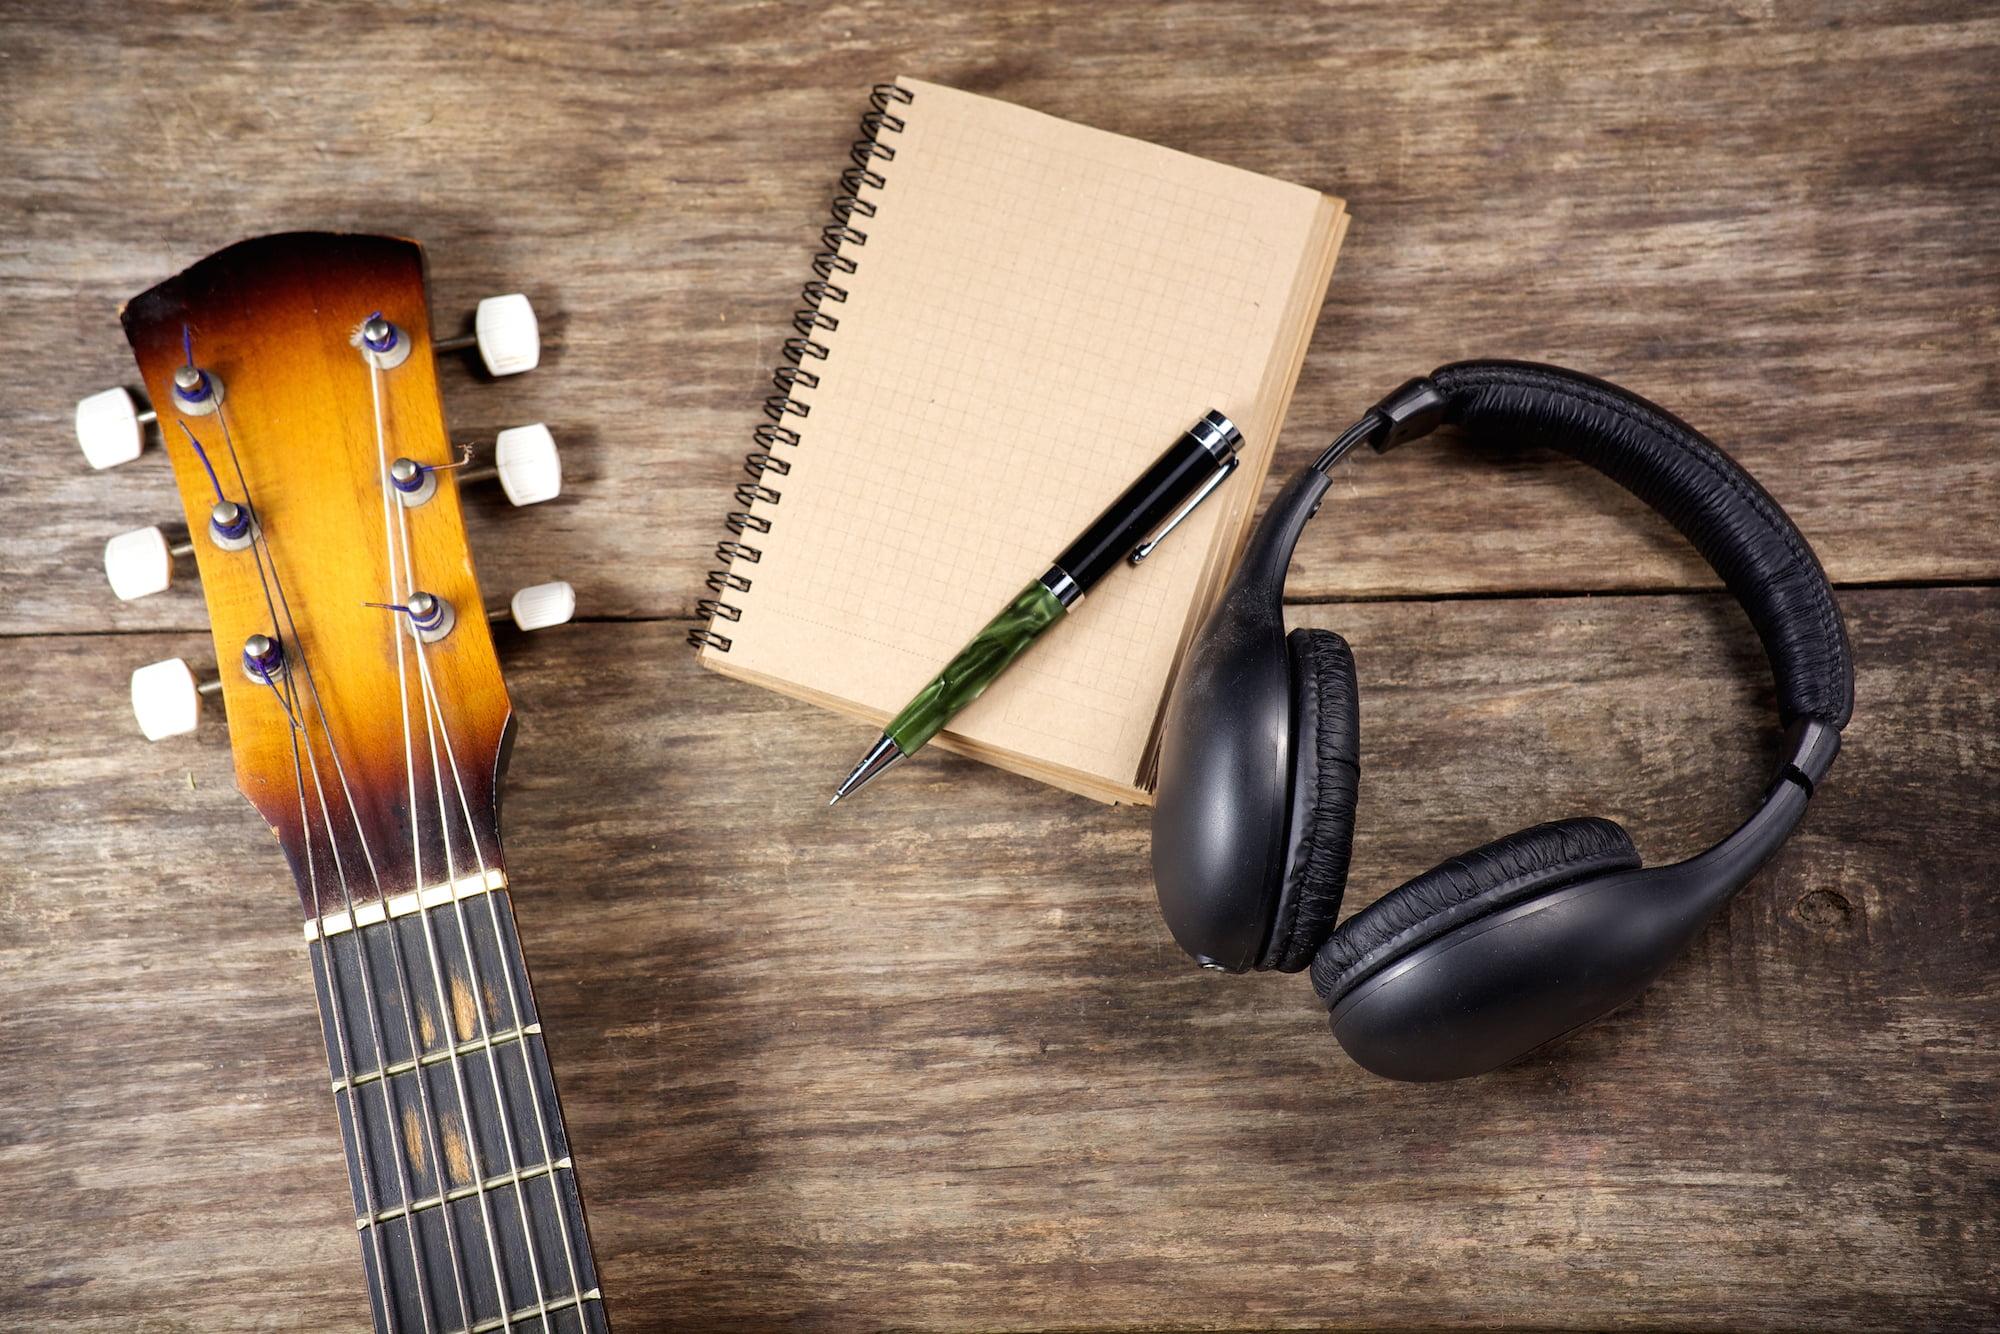 מה חשוב לדעת כמוזיקאי יוצר? מיומנויות חשובות לזמרים ויוצרים